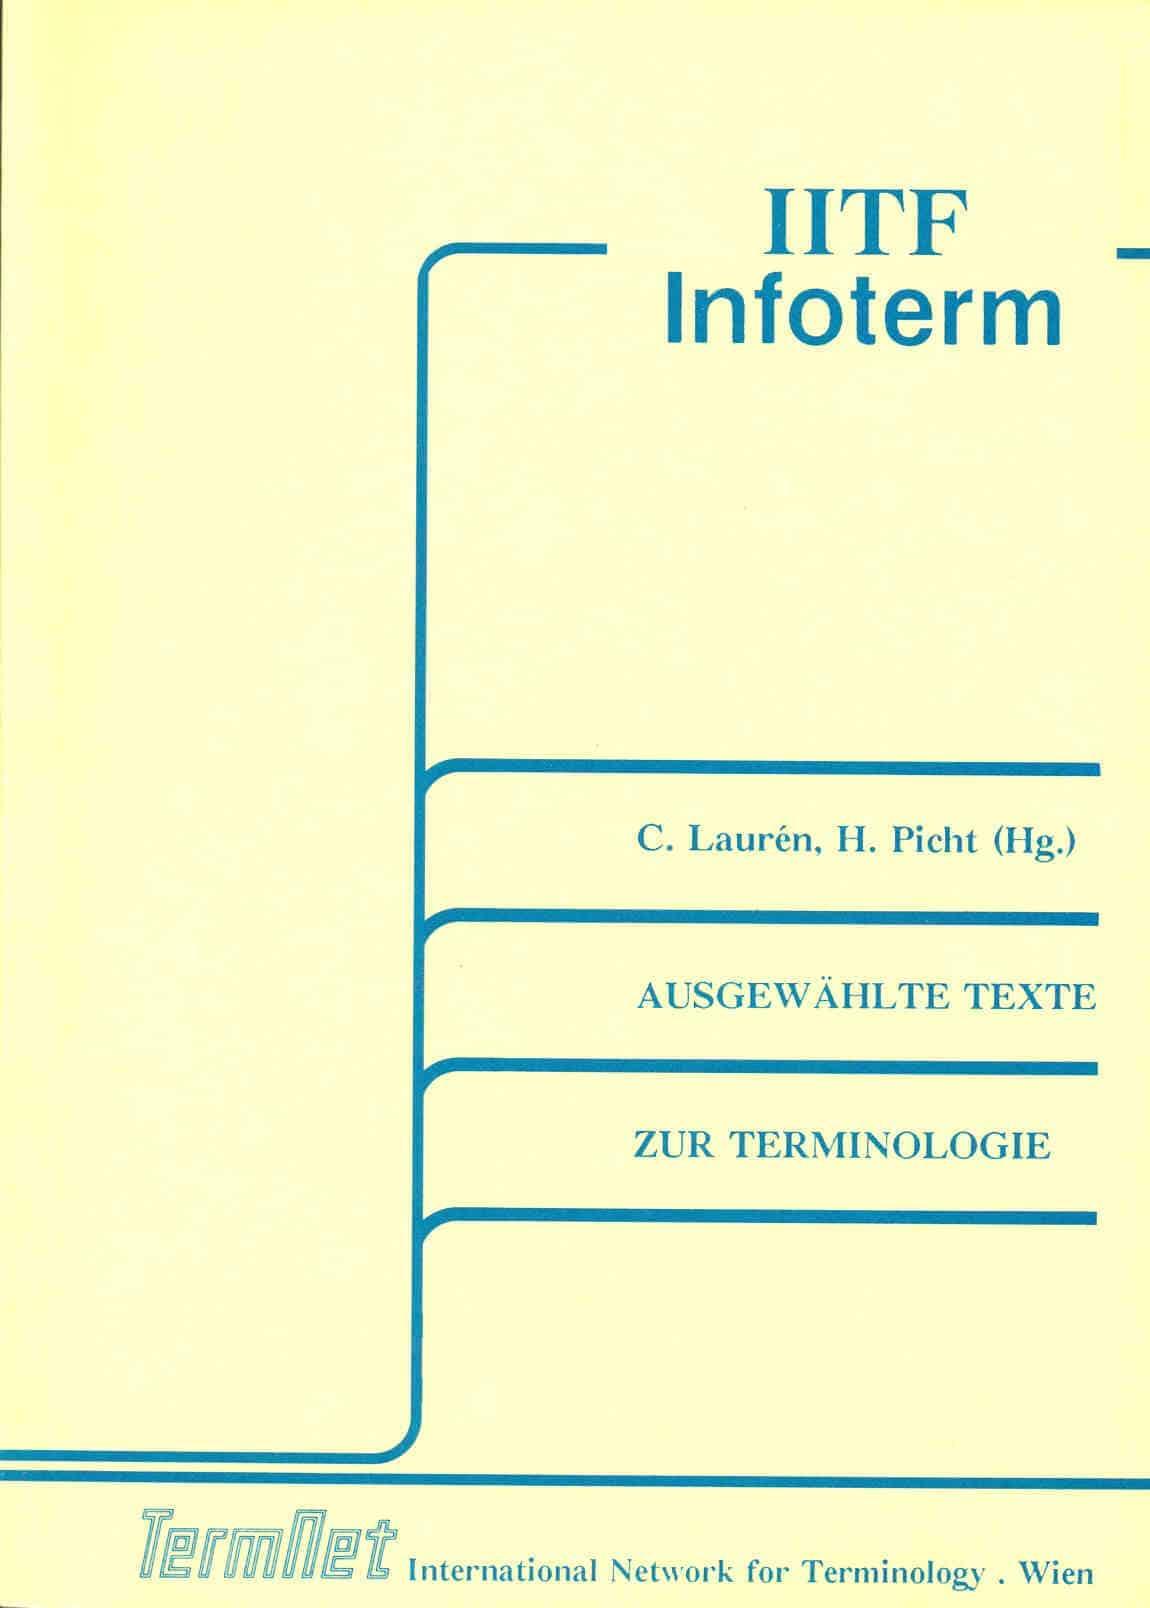 Ausgewählte Texte zur Terminologie